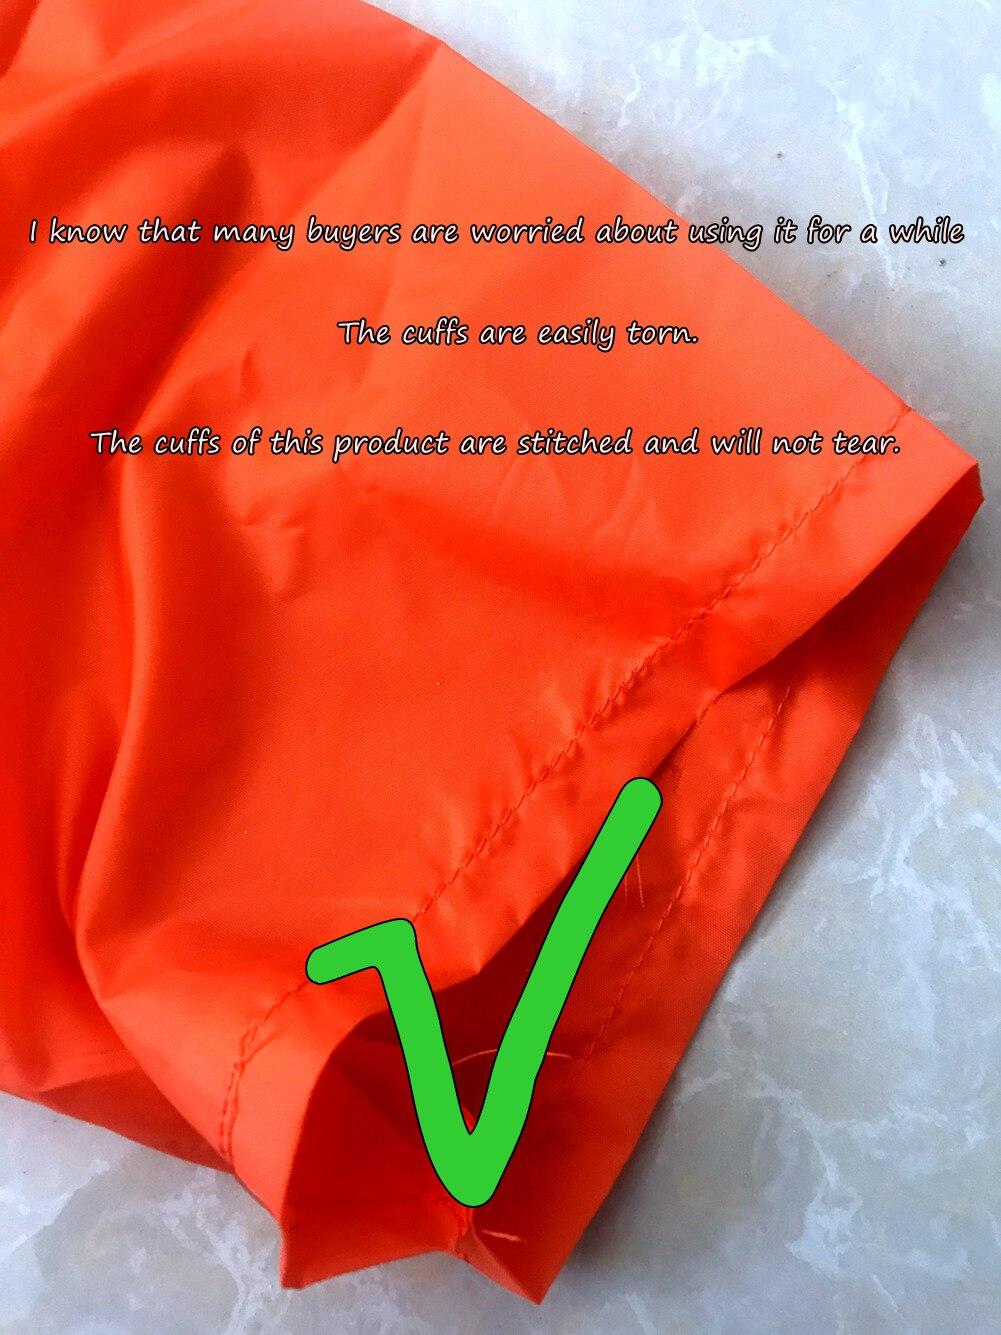 NOUVEAU 20ft 6 M Air Danseur Ciel Danseur Gonflable Tube Marionnettes Ciel Tube Homme Marionnette Vent Halloween Gonflable (Pas ventilateur)-in Jeux gonflables from Jeux et loisirs    2